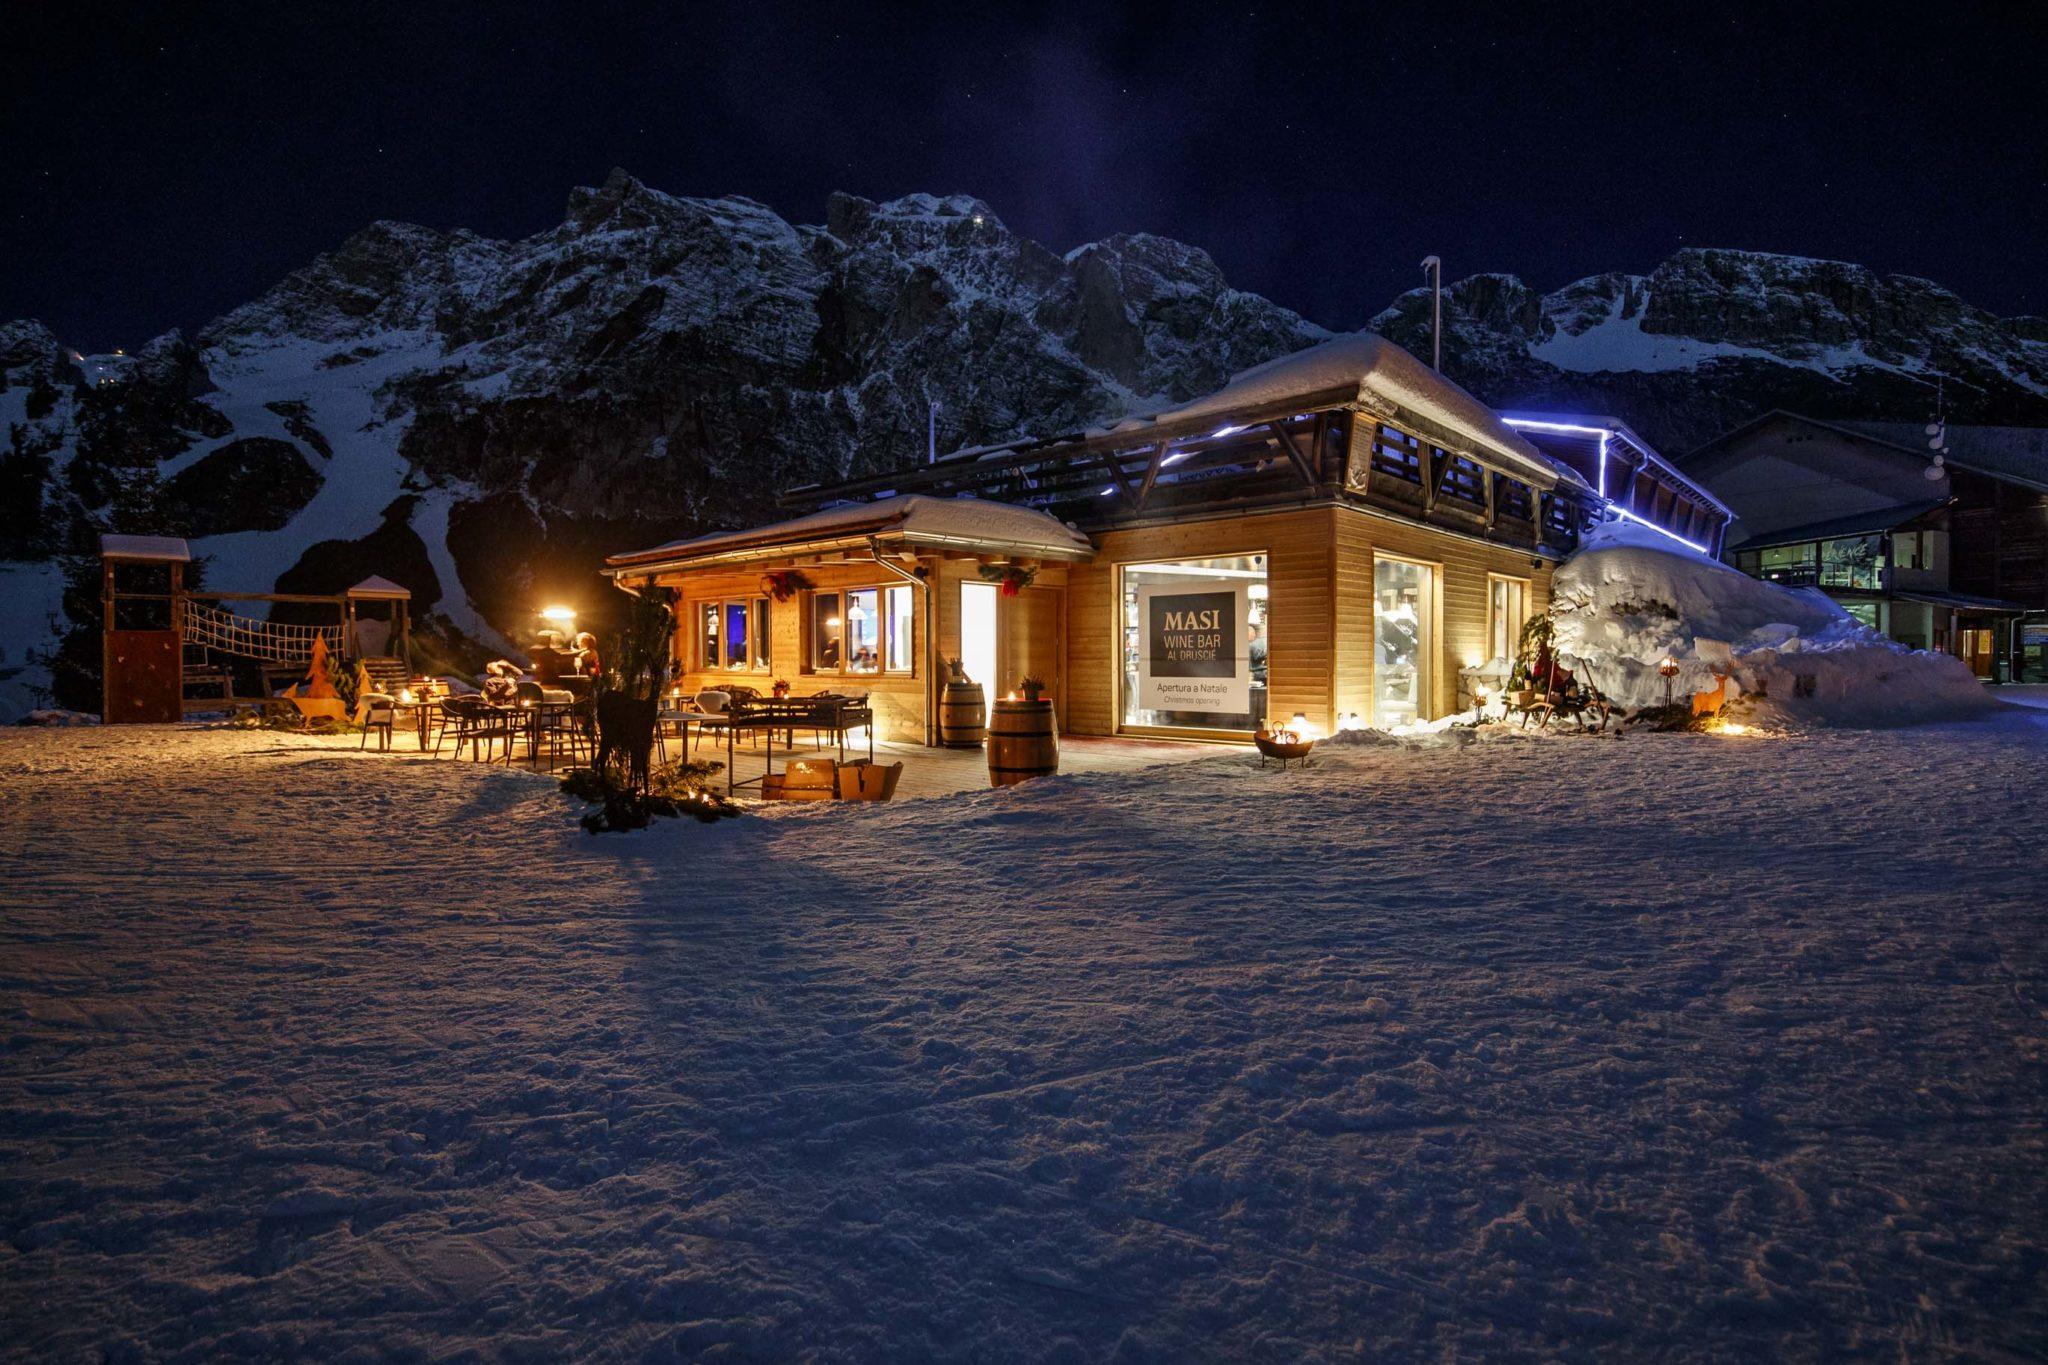 Masi Wine Bar Cortina d'Ampezzo